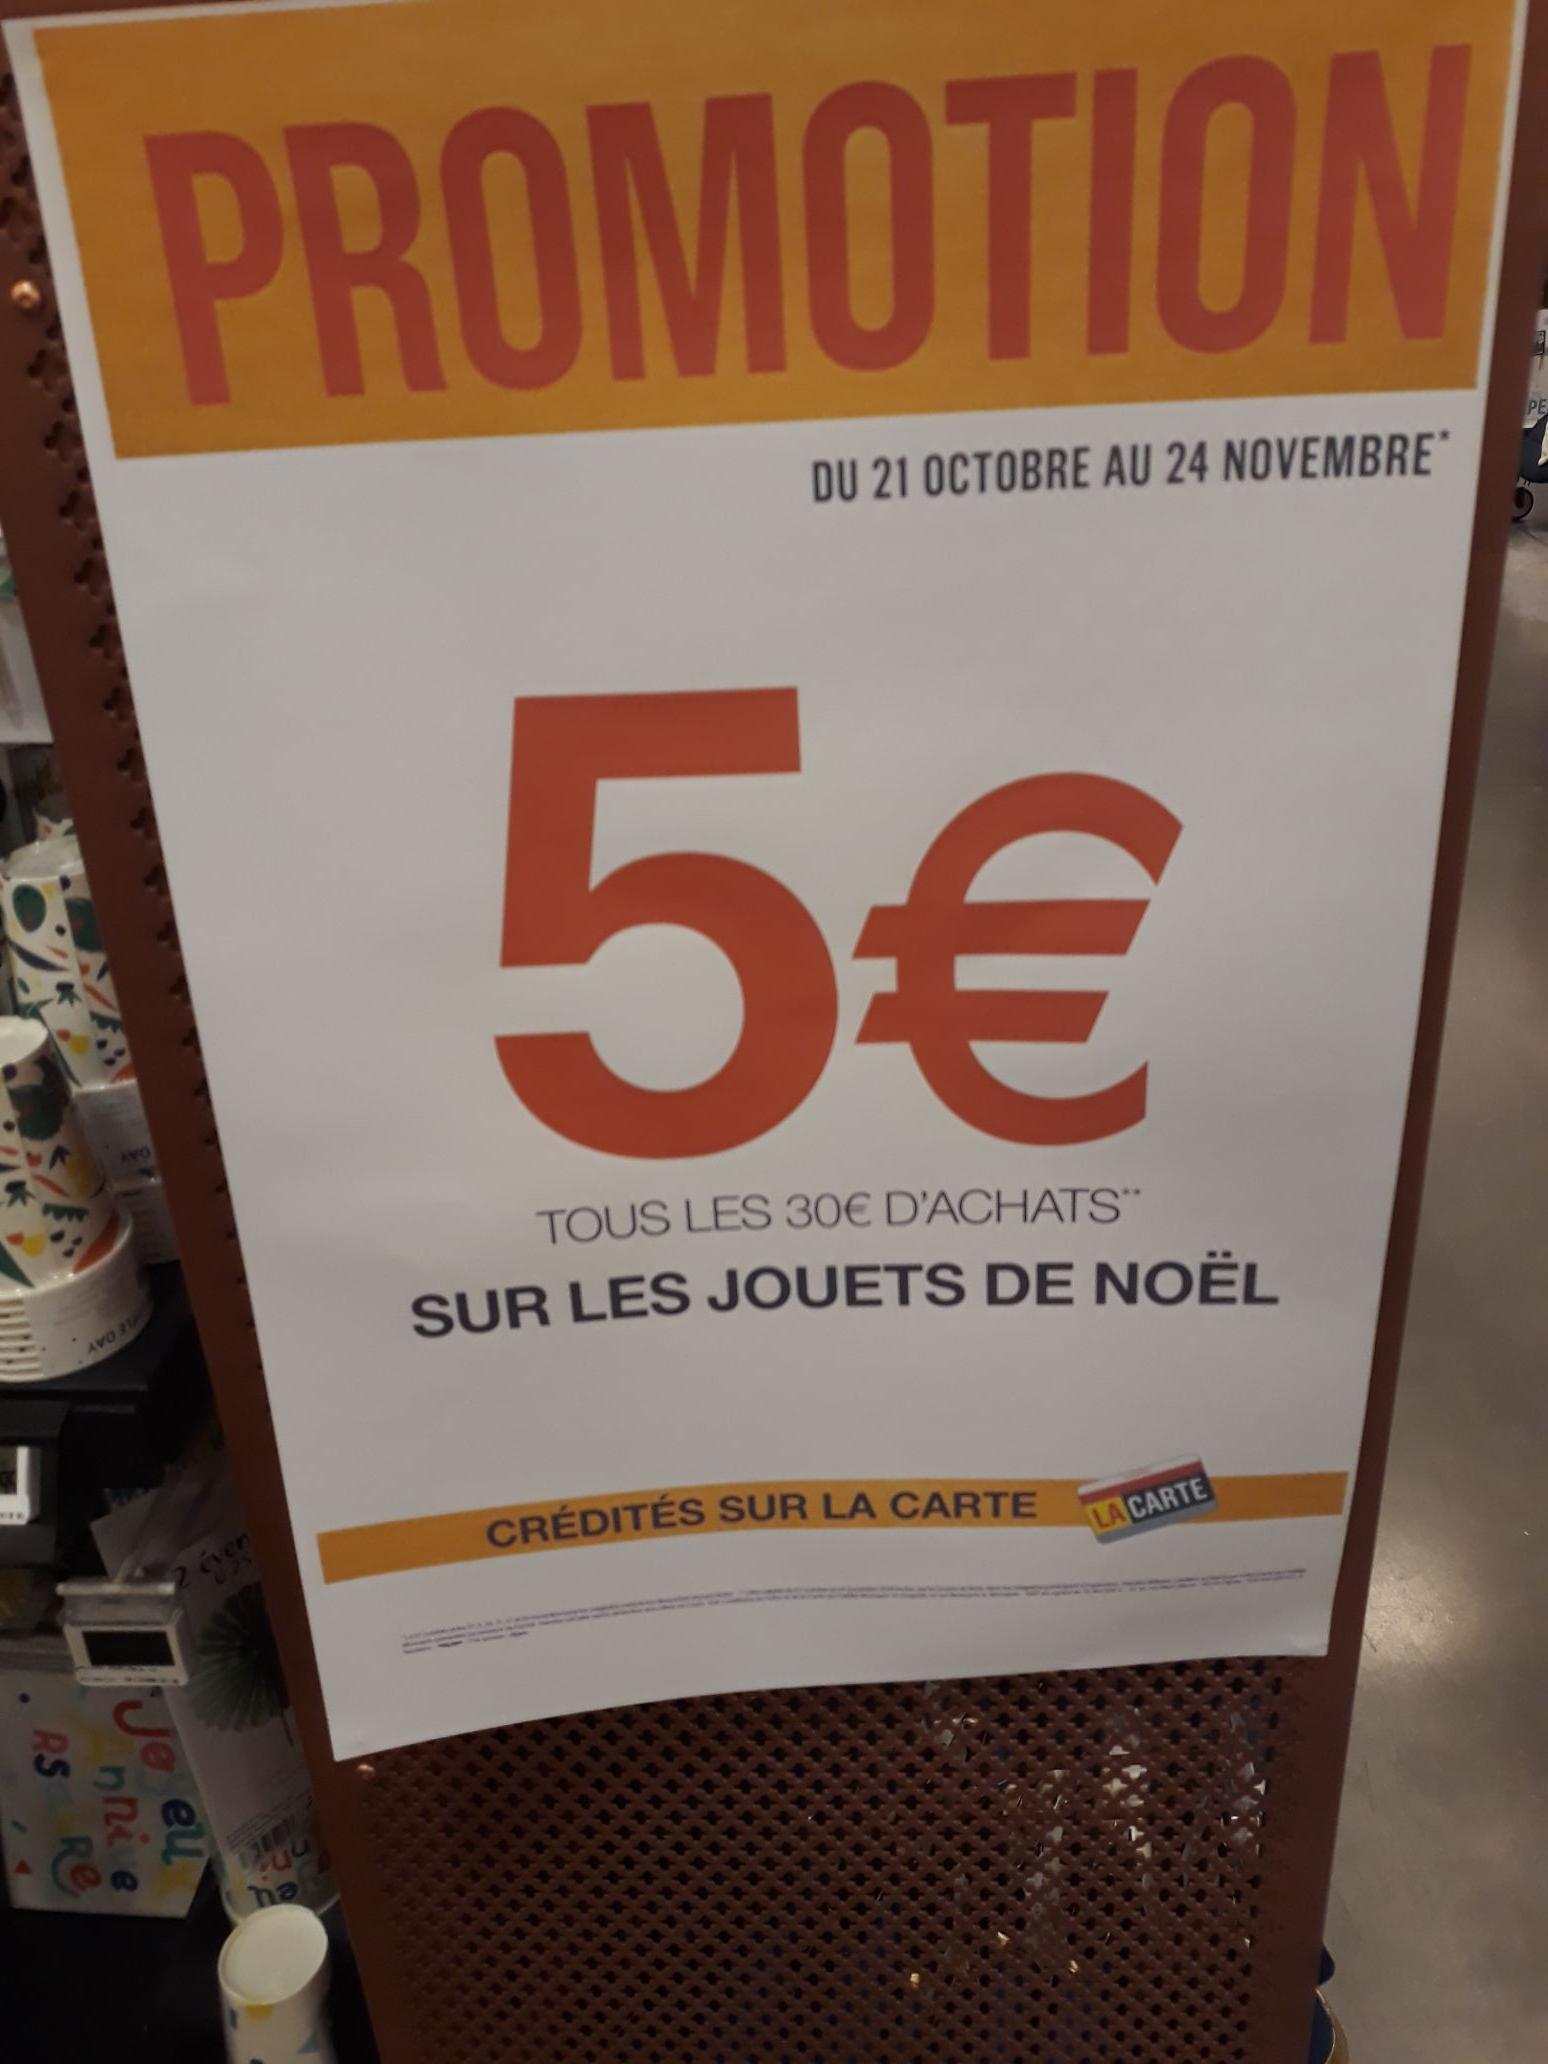 5€ crédités tous les 30€ sur les jouets